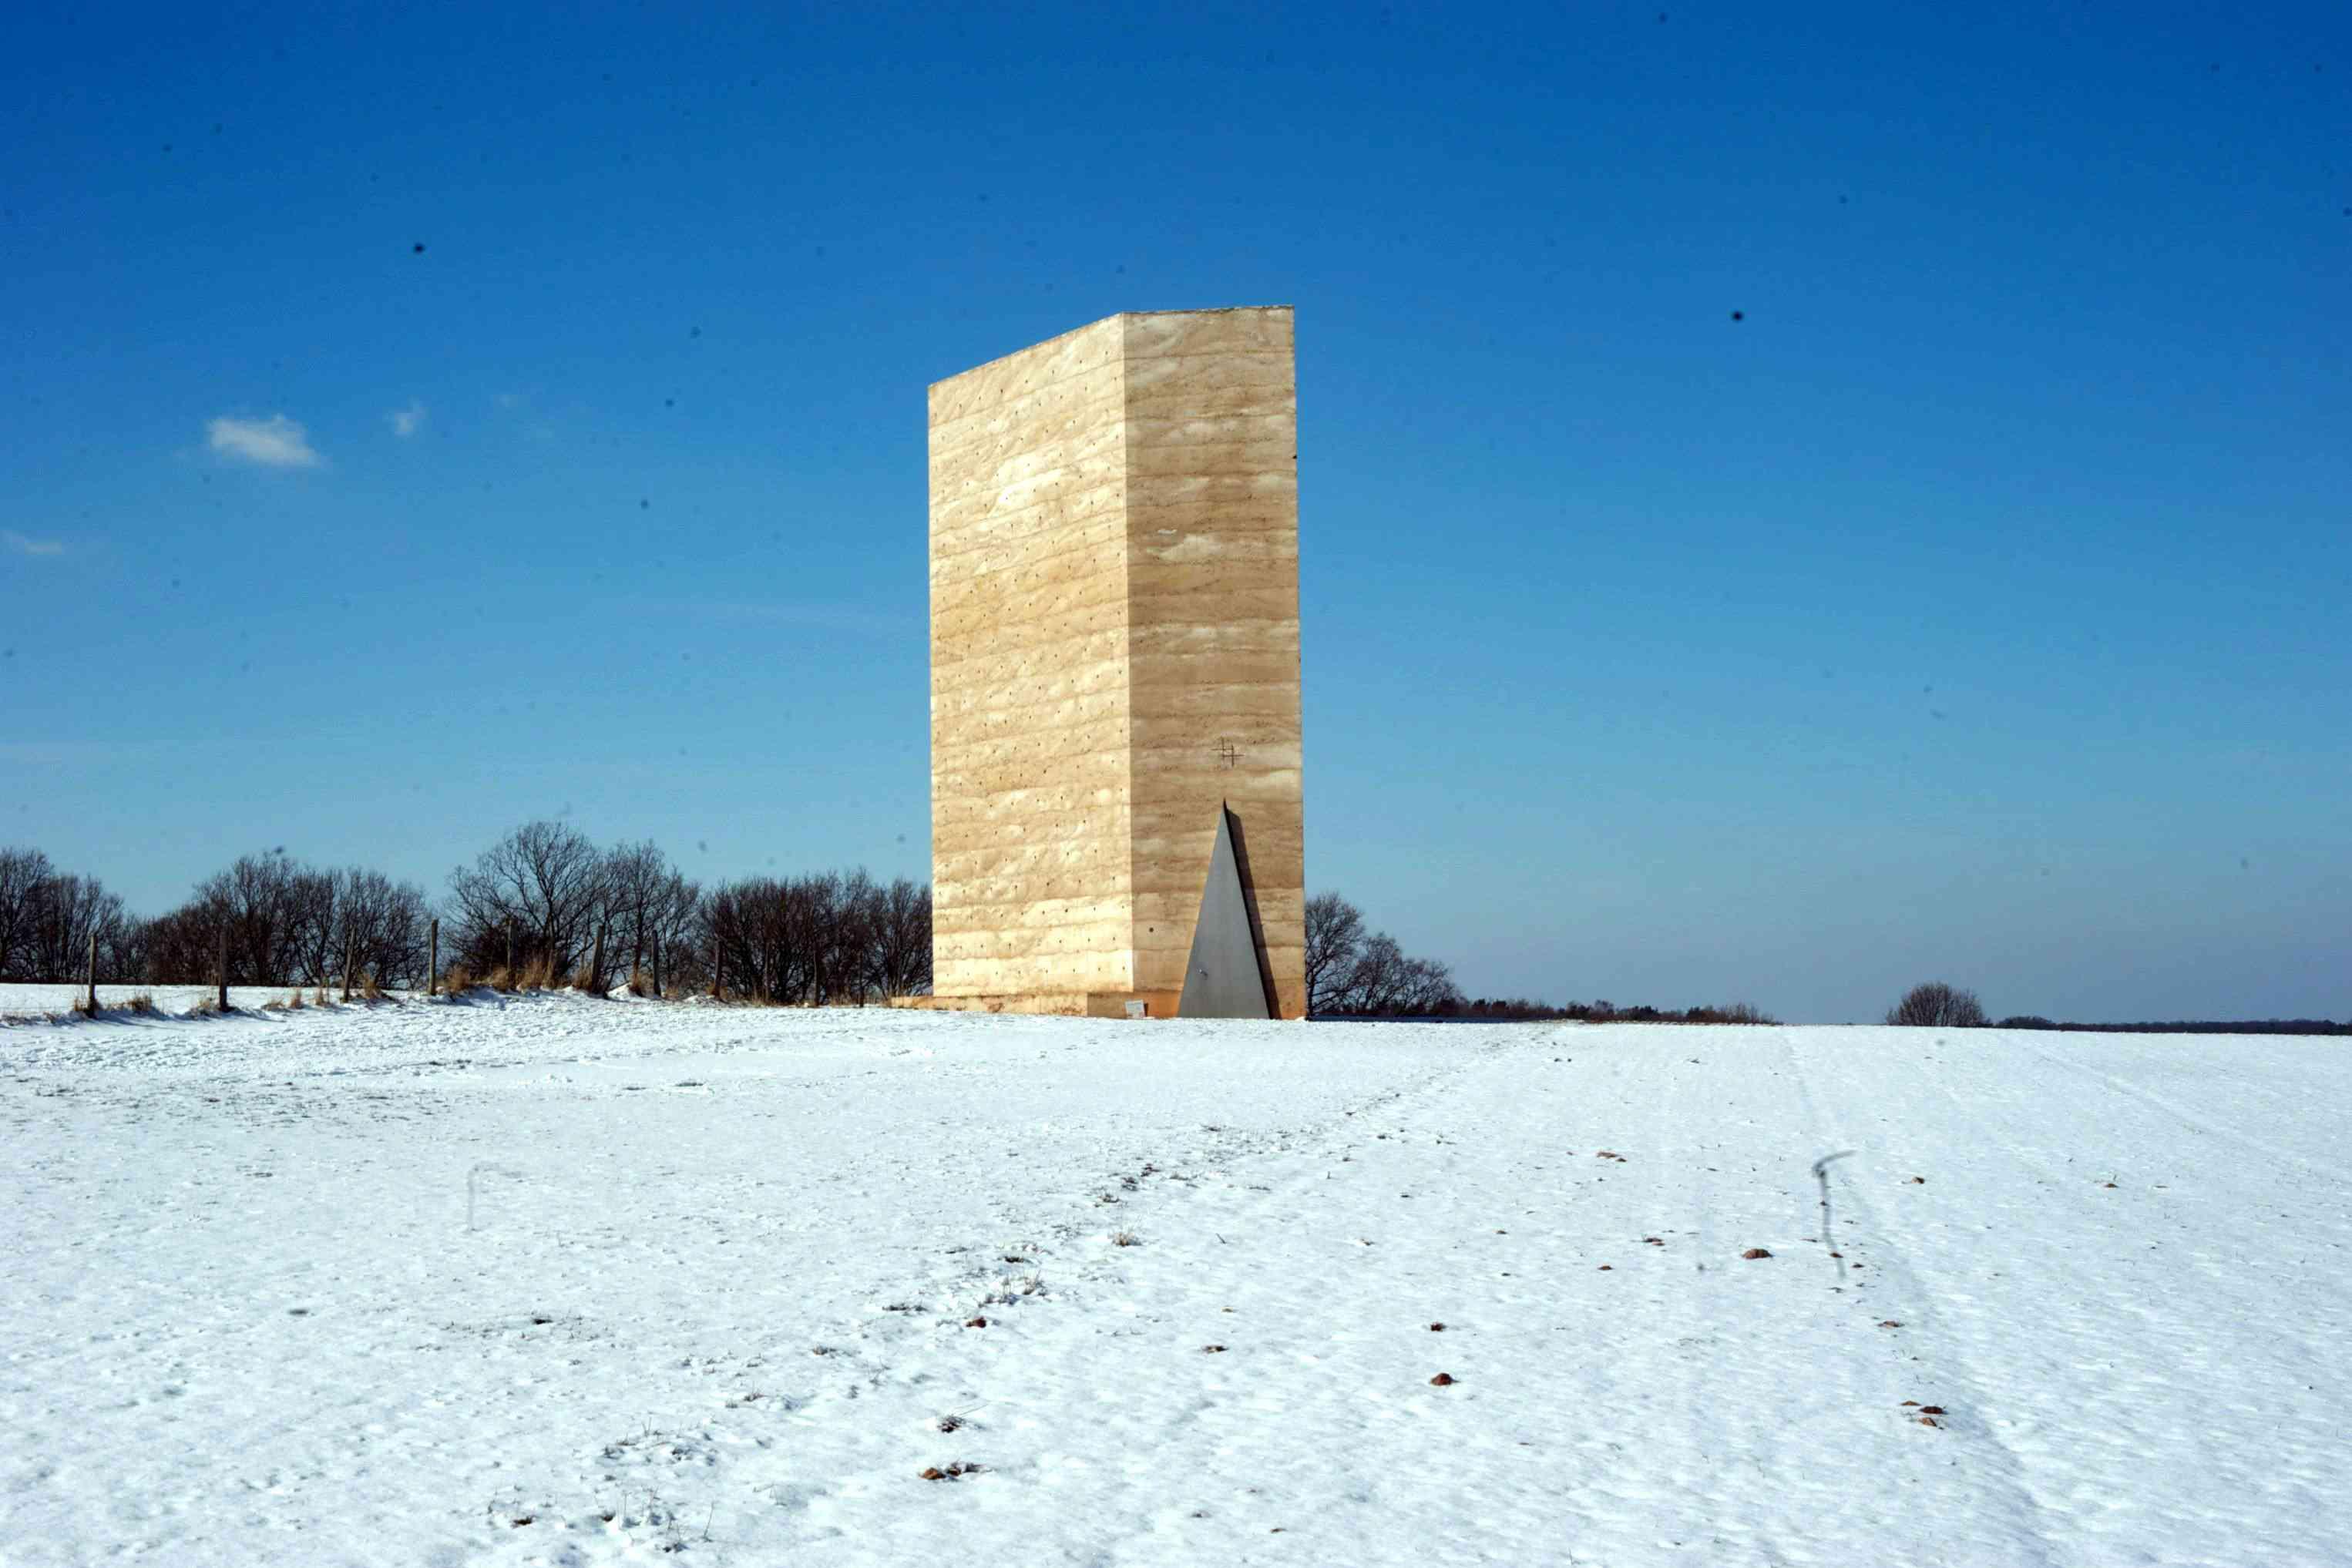 La capilla de campo Bruder Klaus, un monolito de hormigón diseñado por Zumthor, se encuentra solo en un campo desolado